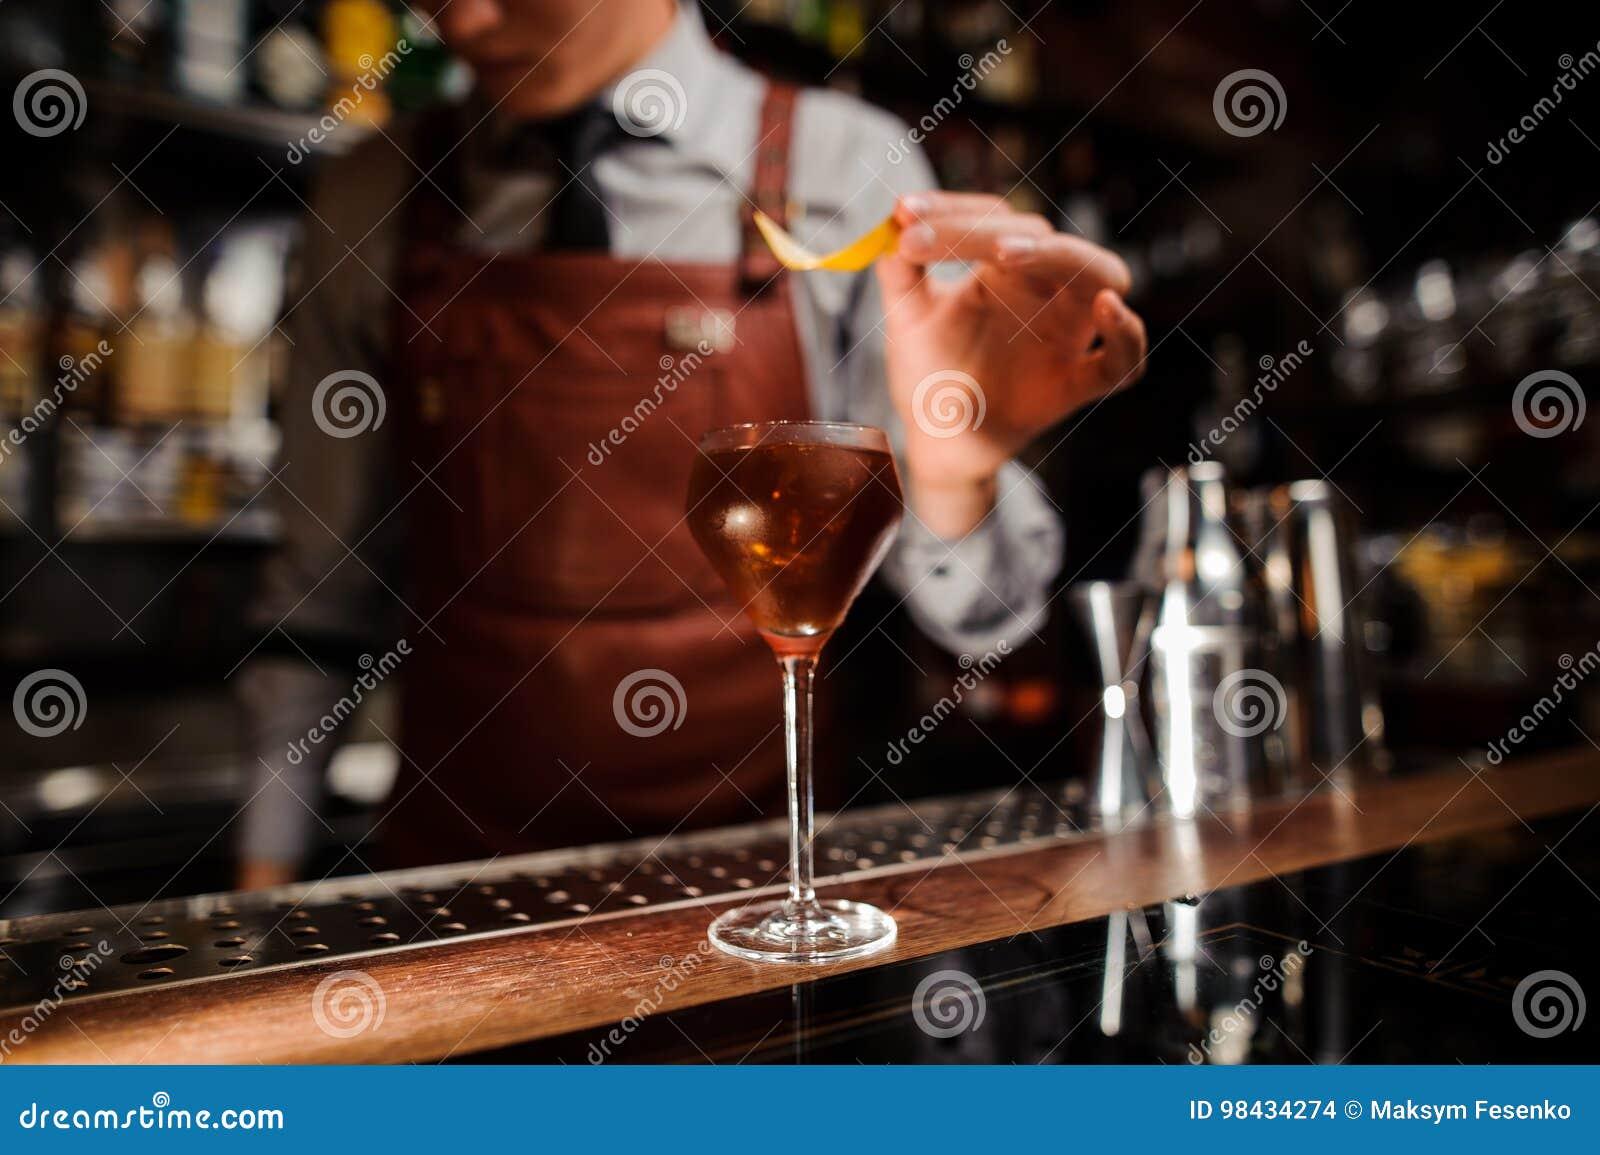 Barman avec la peau en verre et de citron préparant le cocktail à la barre